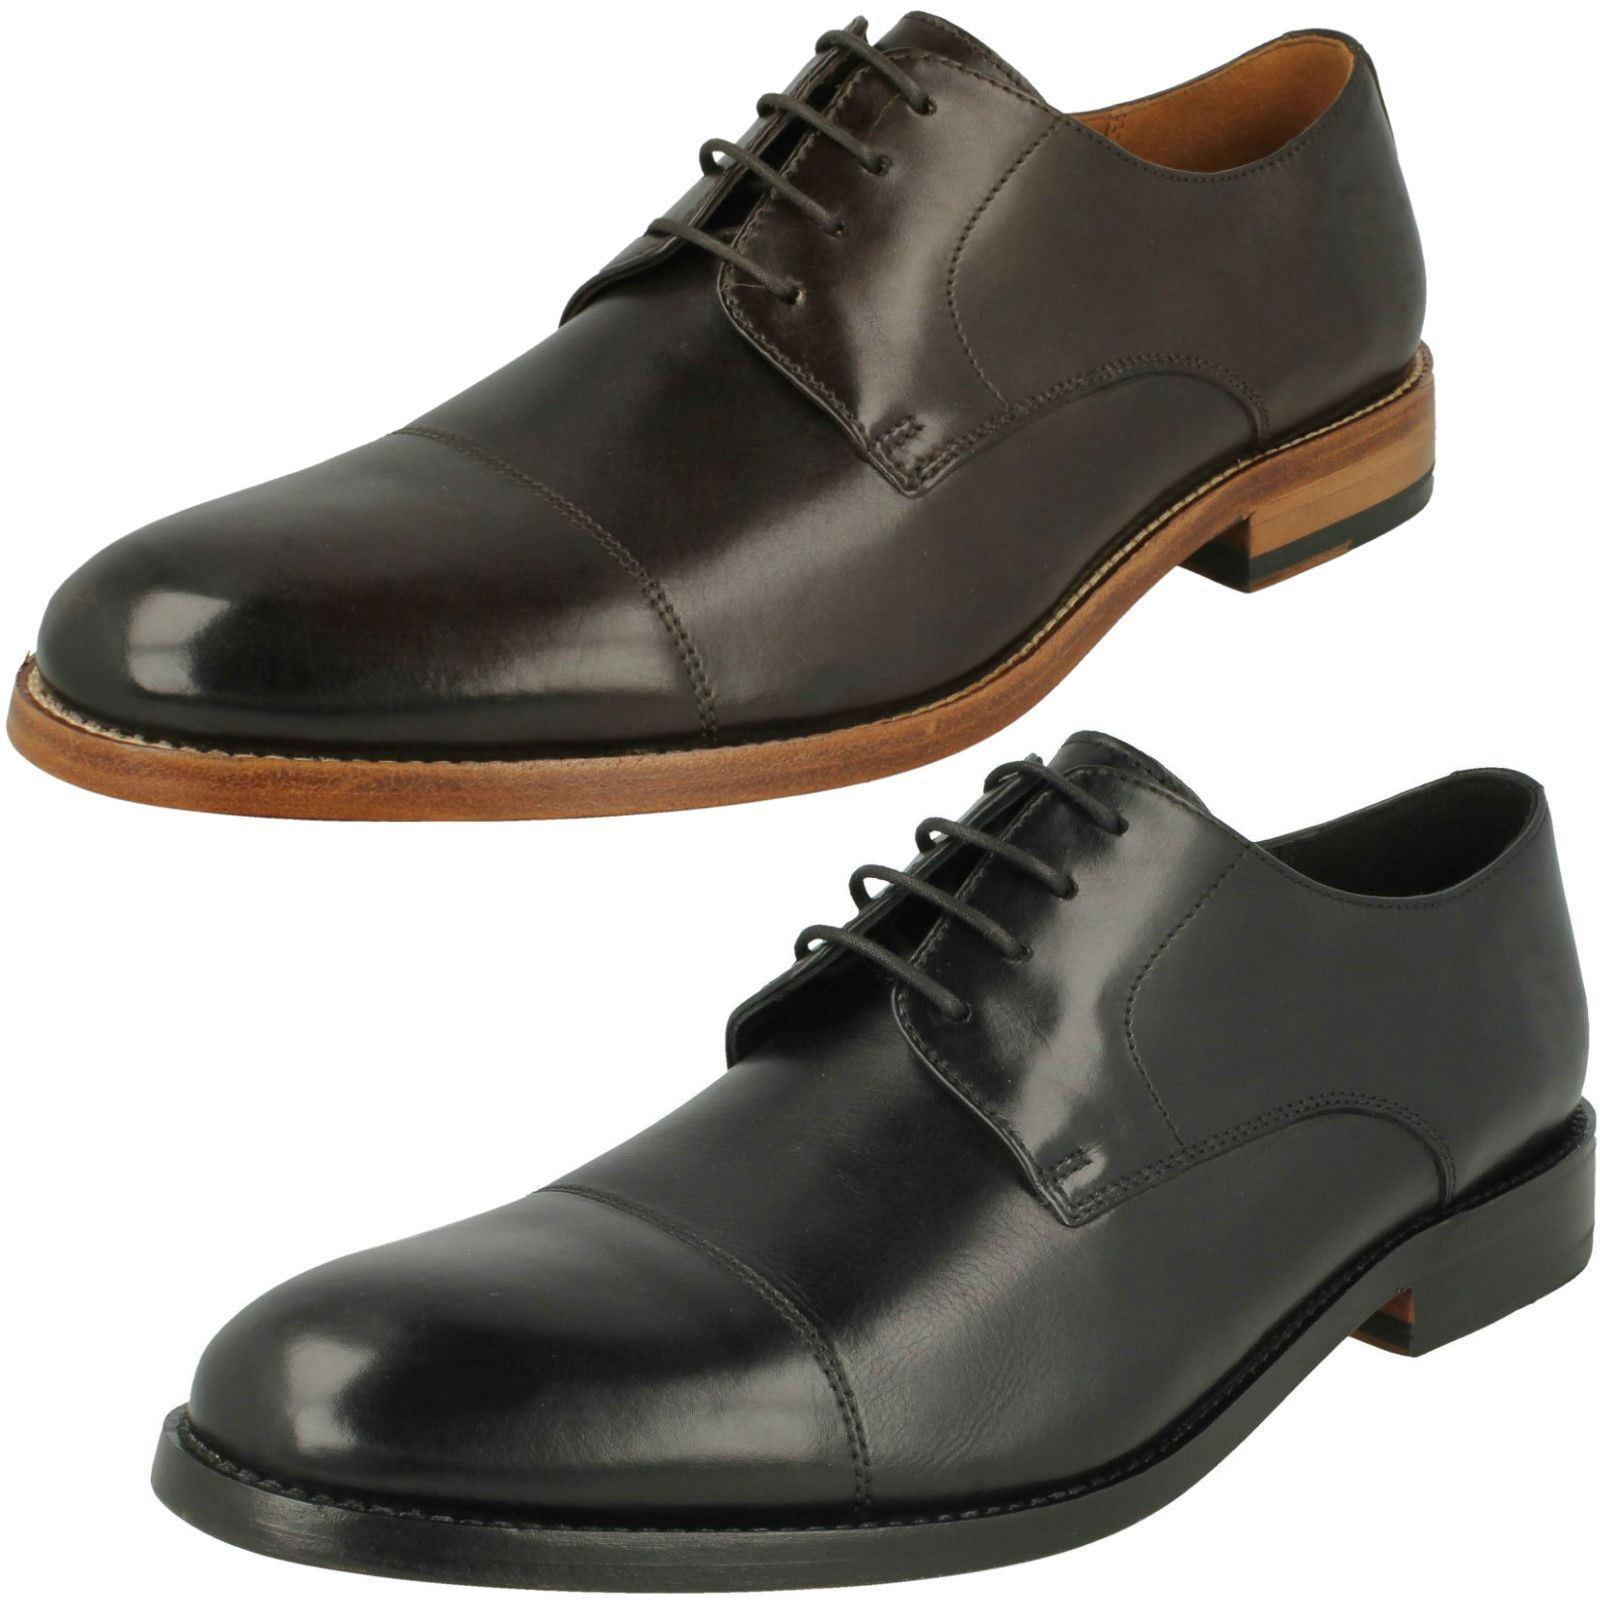 Mens Clarks Stylish Lace-Up shoes James Cap